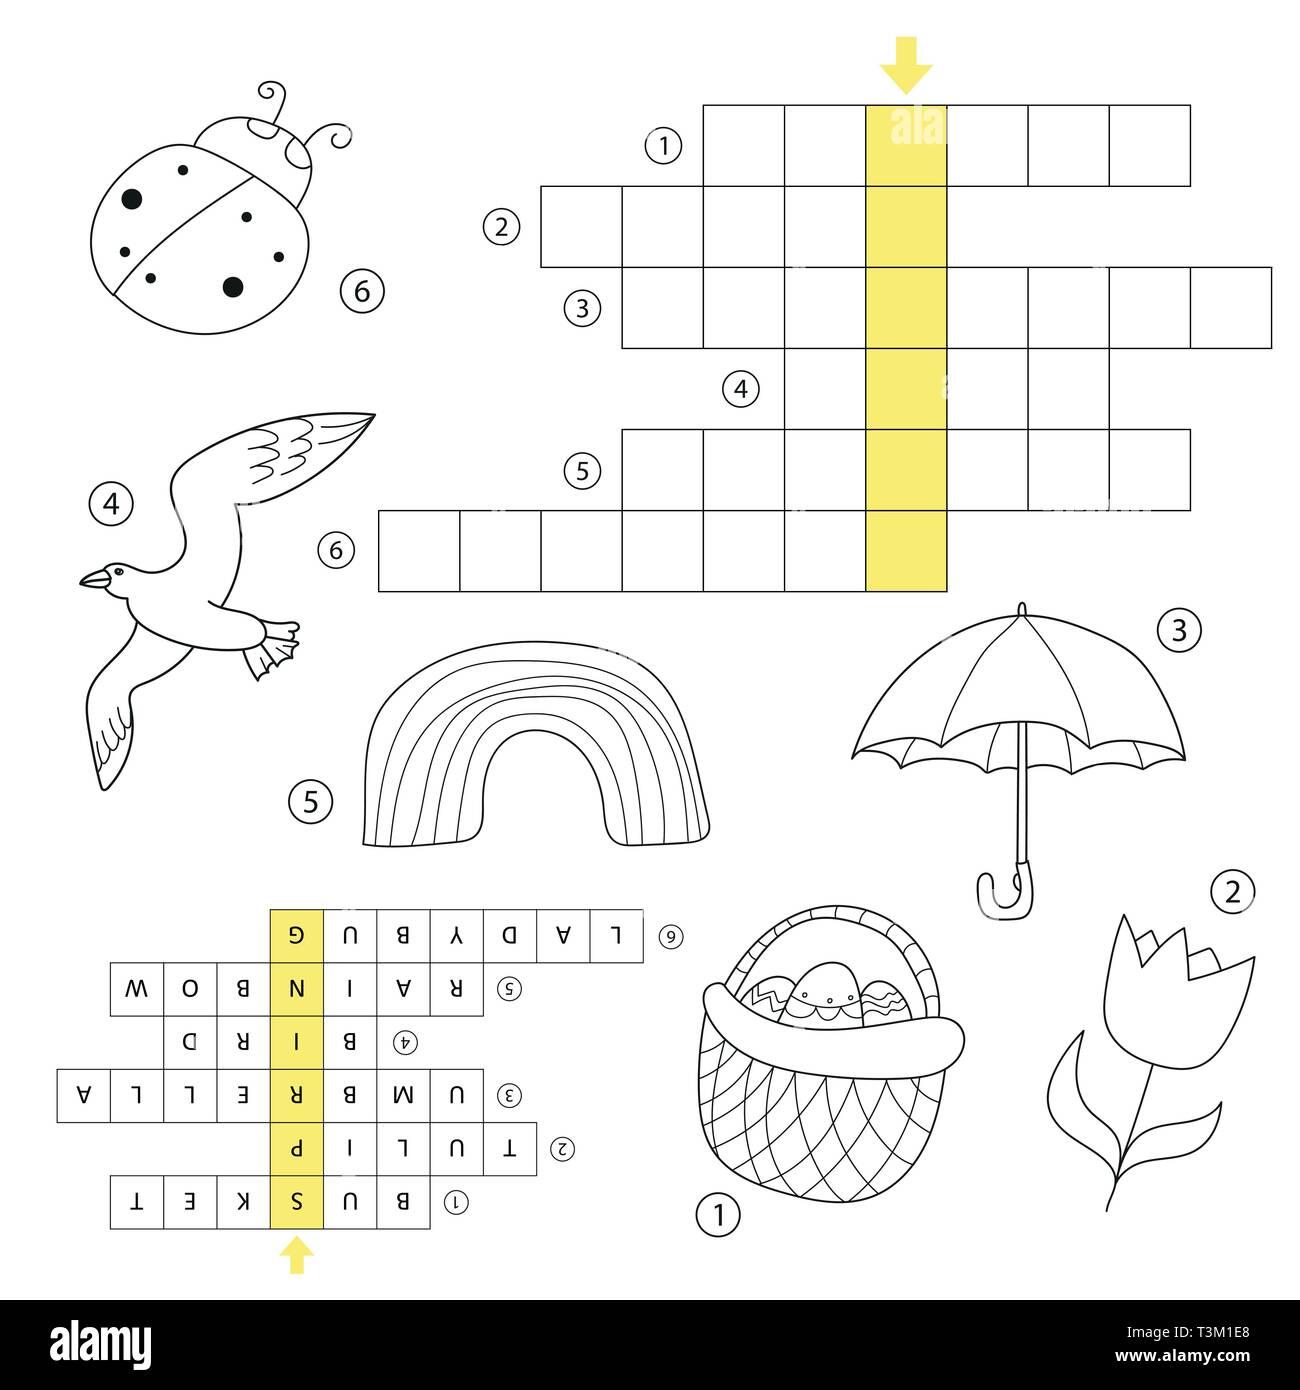 Il Cruciverba Educativo Gioco Per Bambini Con Risposta Molla Di Apprendimento Puzzle A Tema Libro Da Colorare Per I Bambini Di Eta Prescolare E In Eta Scolare Con La Risposta Immagine E